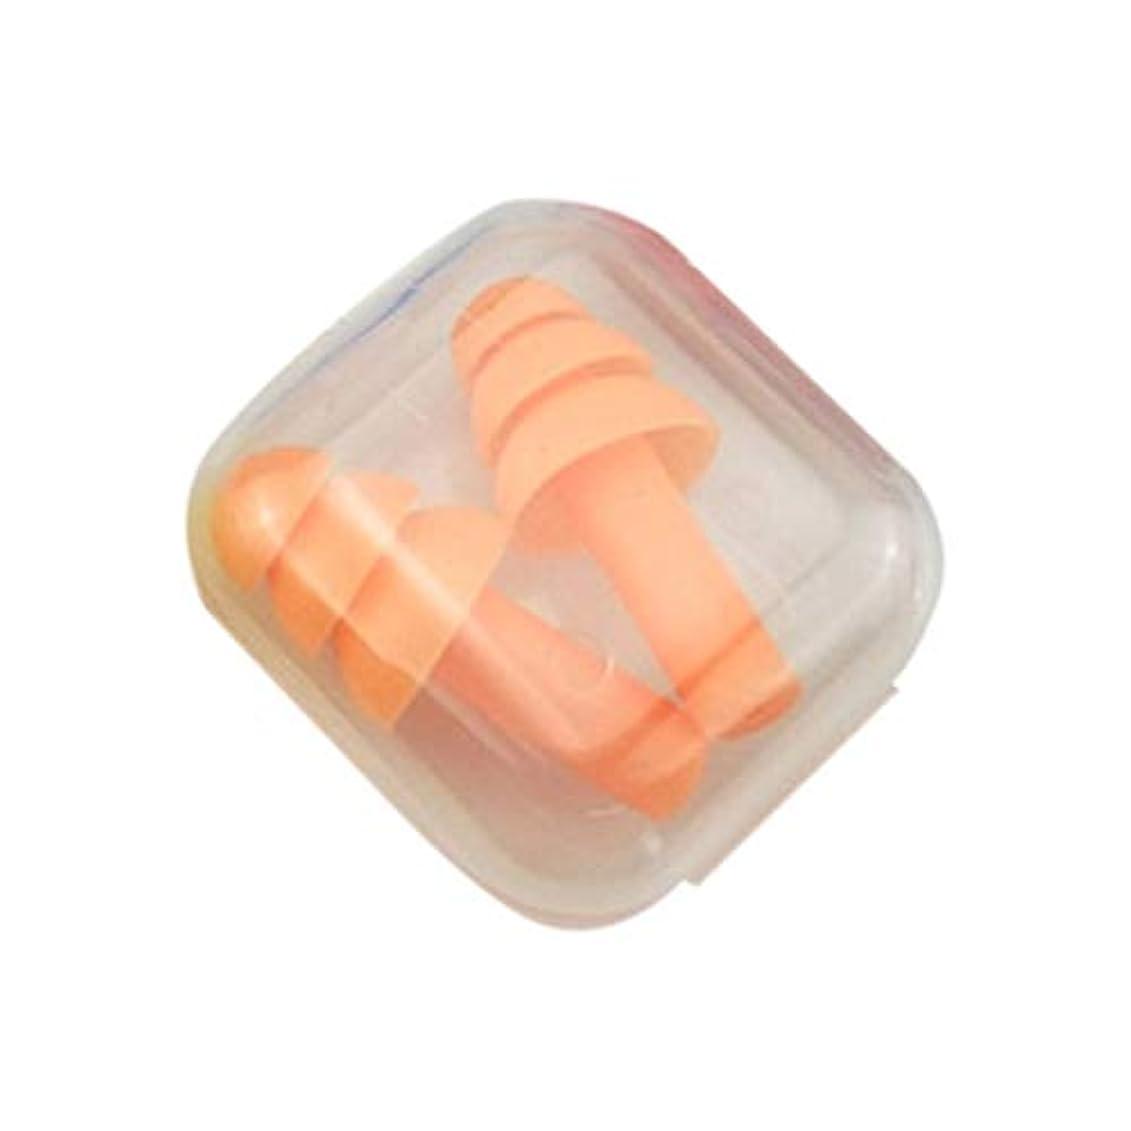 愛する集中削減柔らかいシリコーンの耳栓遮音用耳の保護用の耳栓防音睡眠ボックス付き収納ボックス - オレンジ